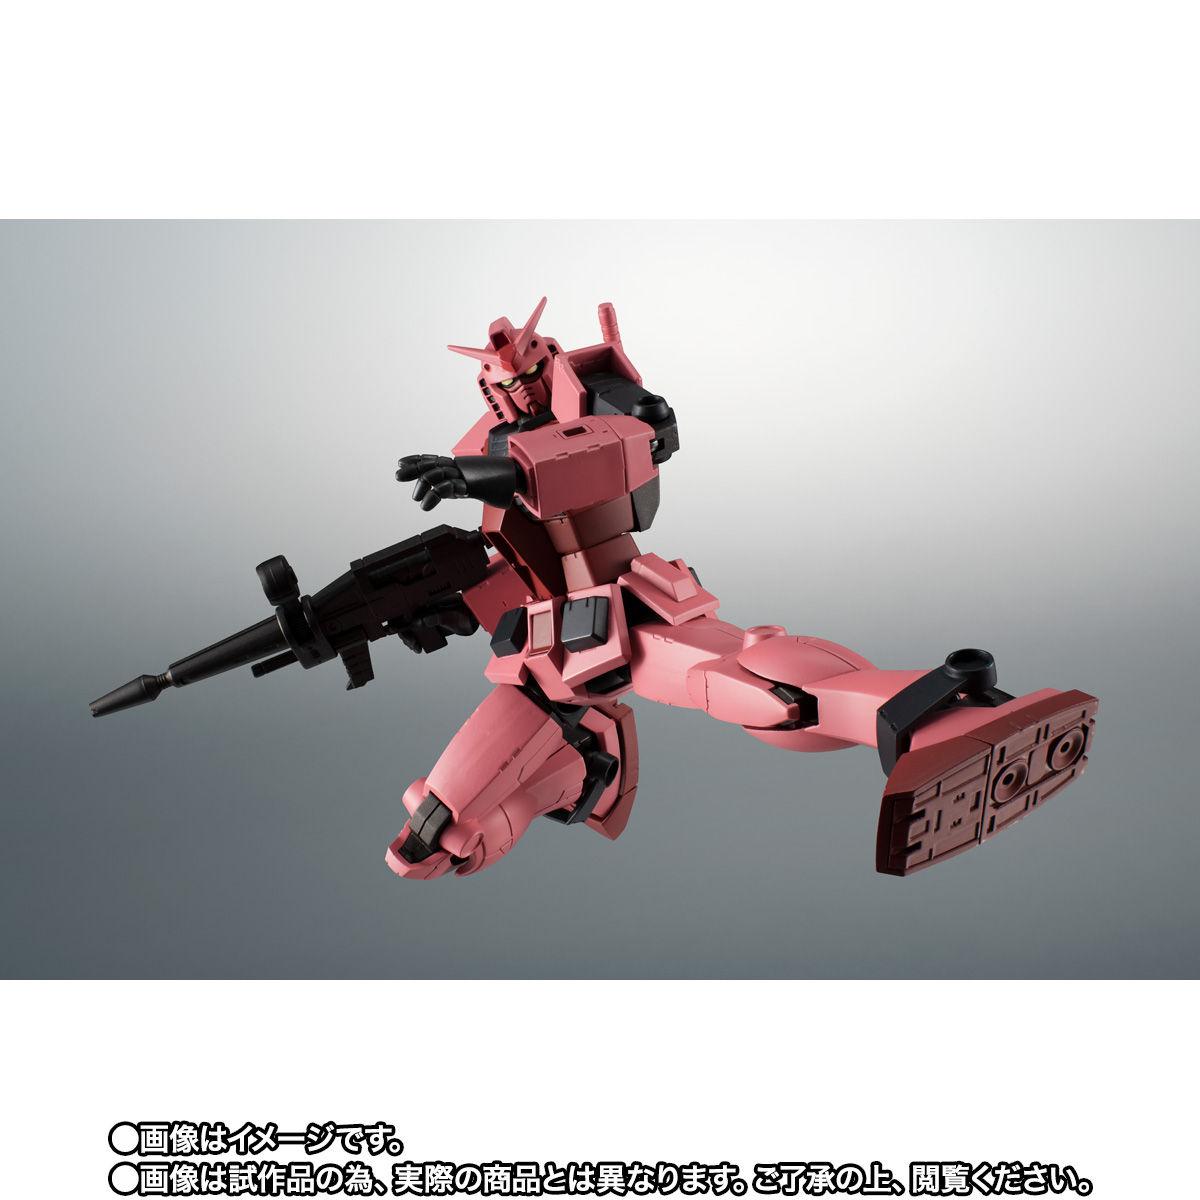 【限定販売】ROBOT魂〈SIDE MS〉『RX-78/C.A キャスバル専用ガンダム ver. A.N.I.M.E.』ギレンの野望 可動フィギュア-007